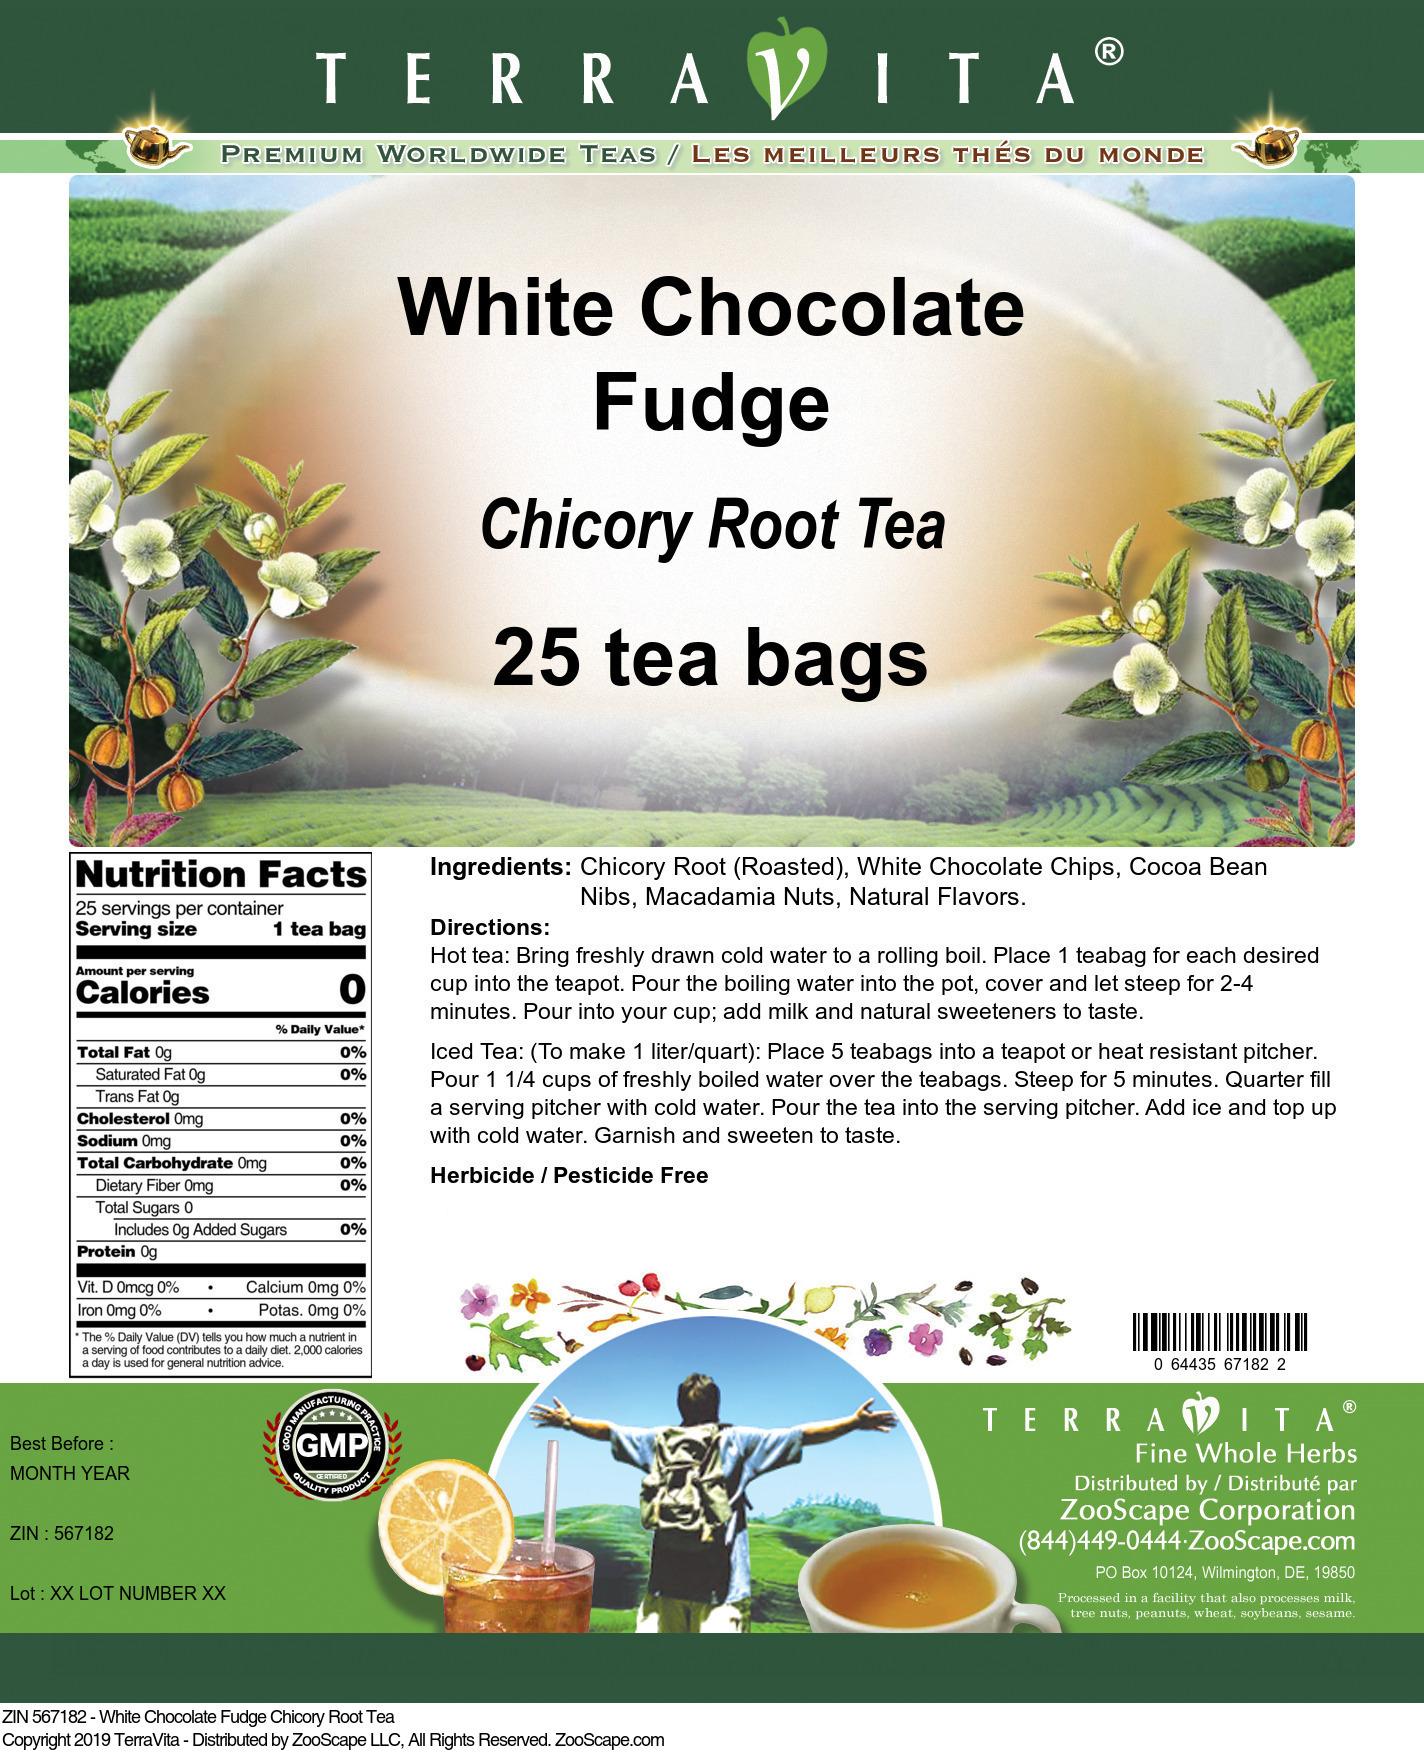 White Chocolate Fudge Chicory Root Tea